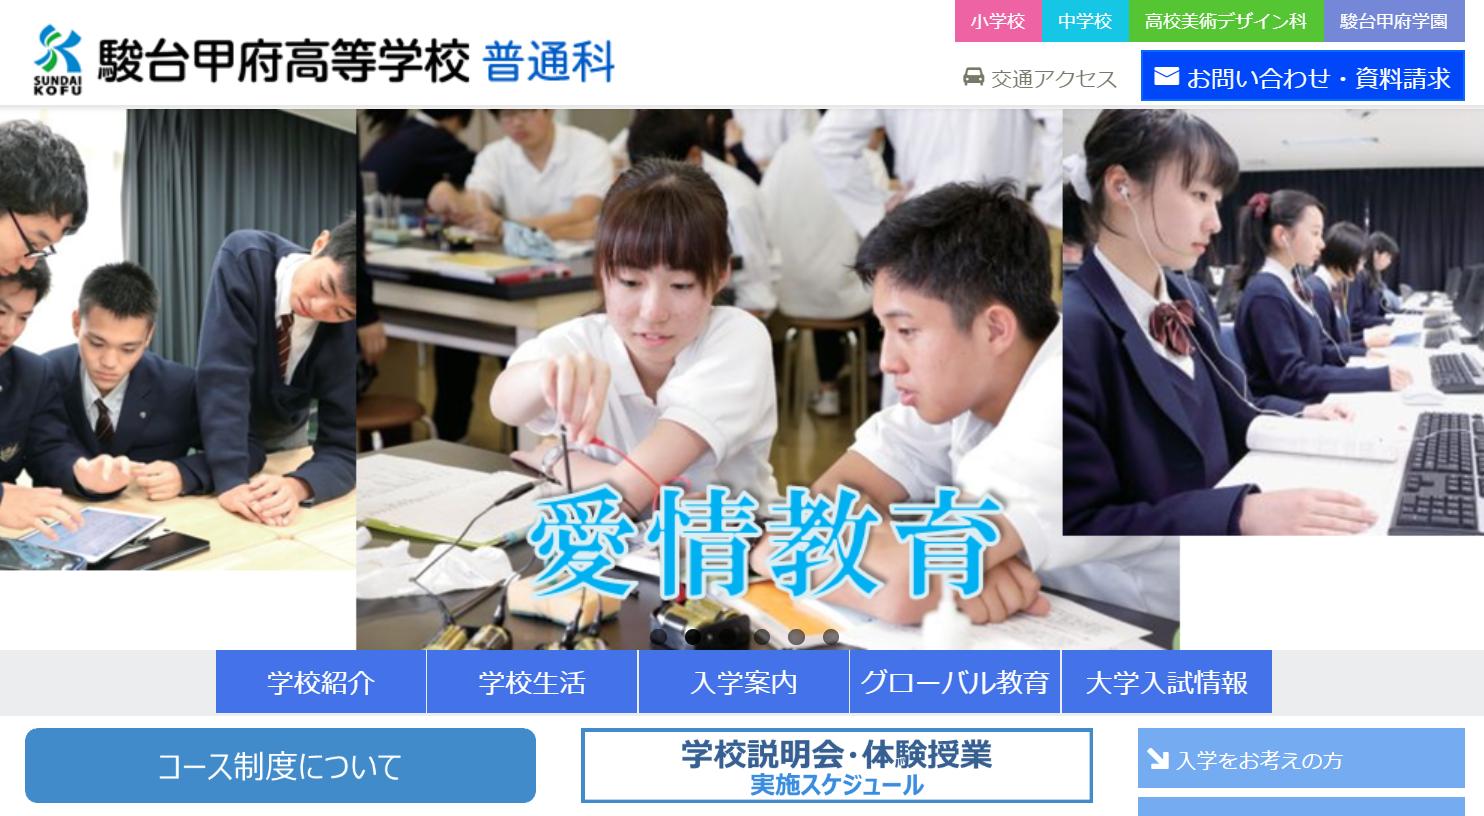 駿台甲府高校の口コミ・評判